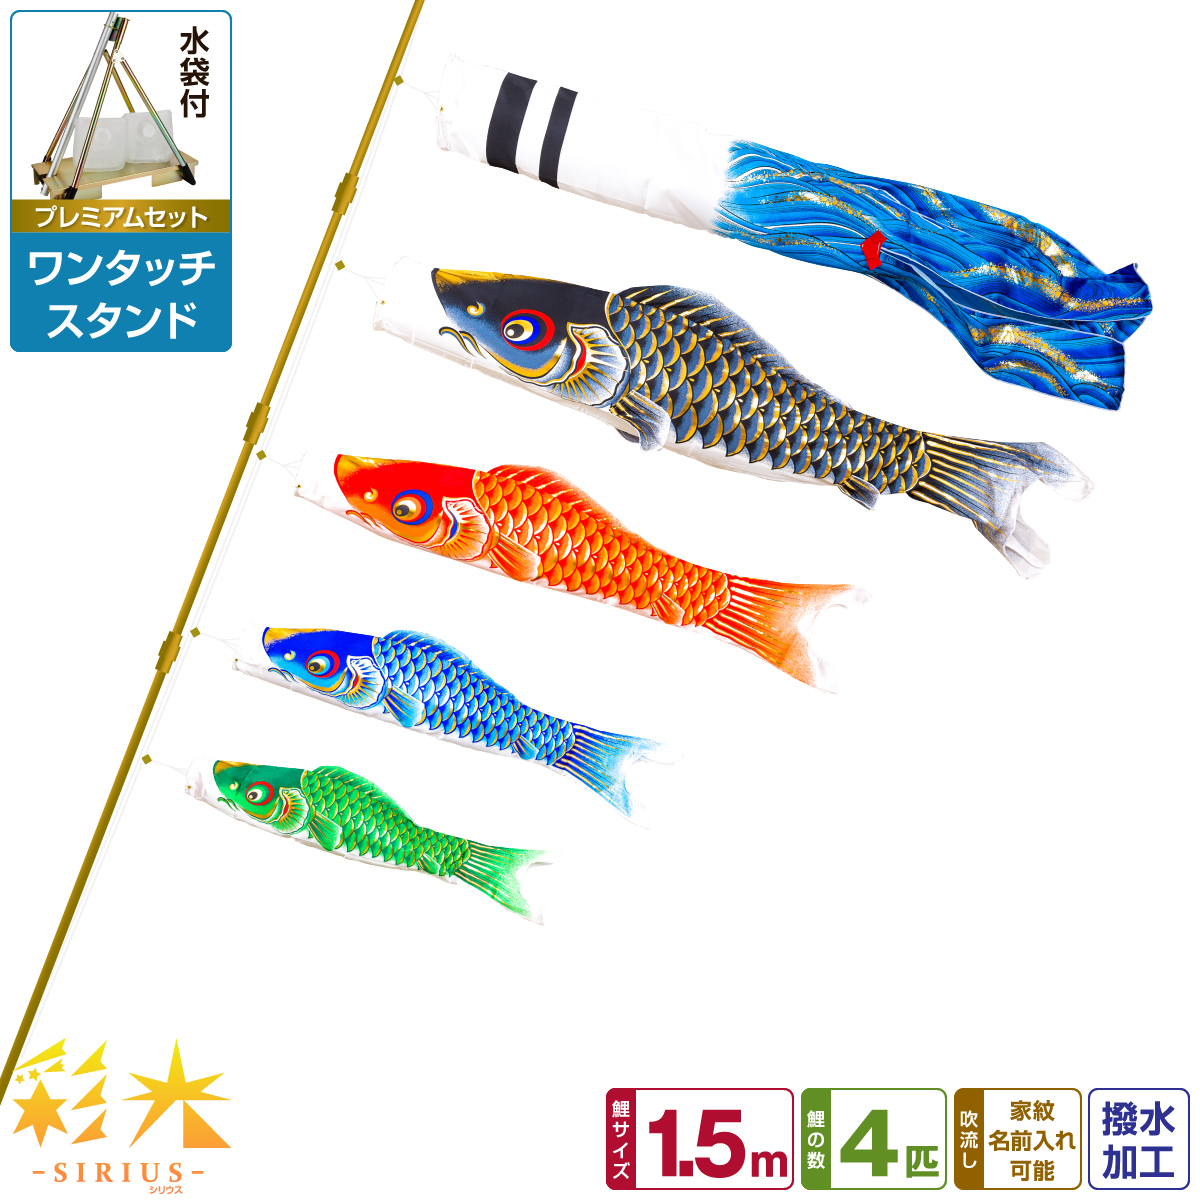 ベランダ用 こいのぼり 鯉のぼり SIRIUS/彩光鯉 1.5m 7点(吹流し+鯉4匹+矢車+ロープ)/プレミアムセット(ワンタッチスタンド)